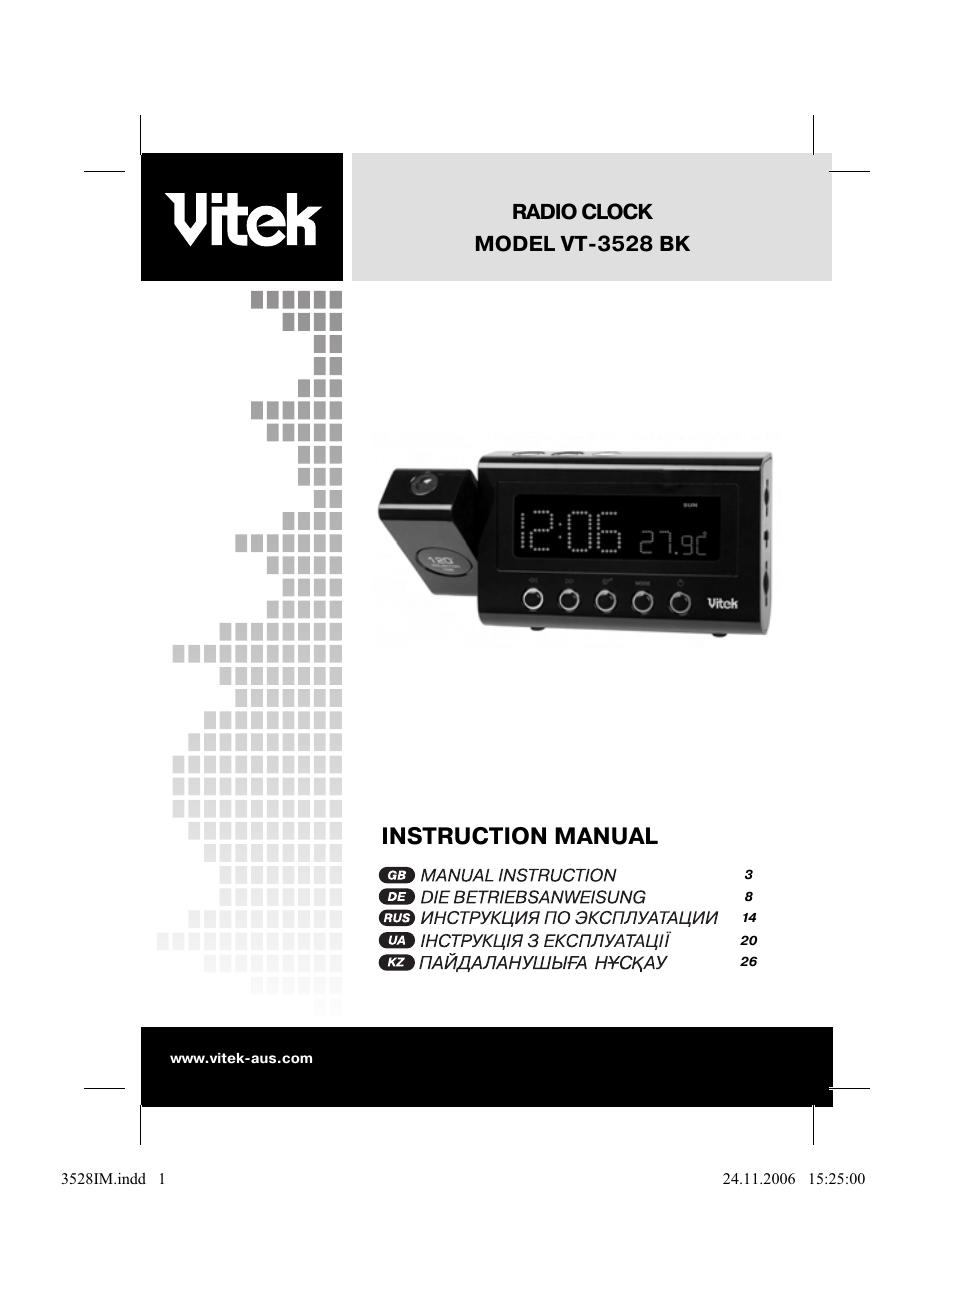 Подробная инструкция по эксплуатации часов vitek vt bk для того, чтобы бесплатно скачать это руководство пользователя и применять при необходимости.